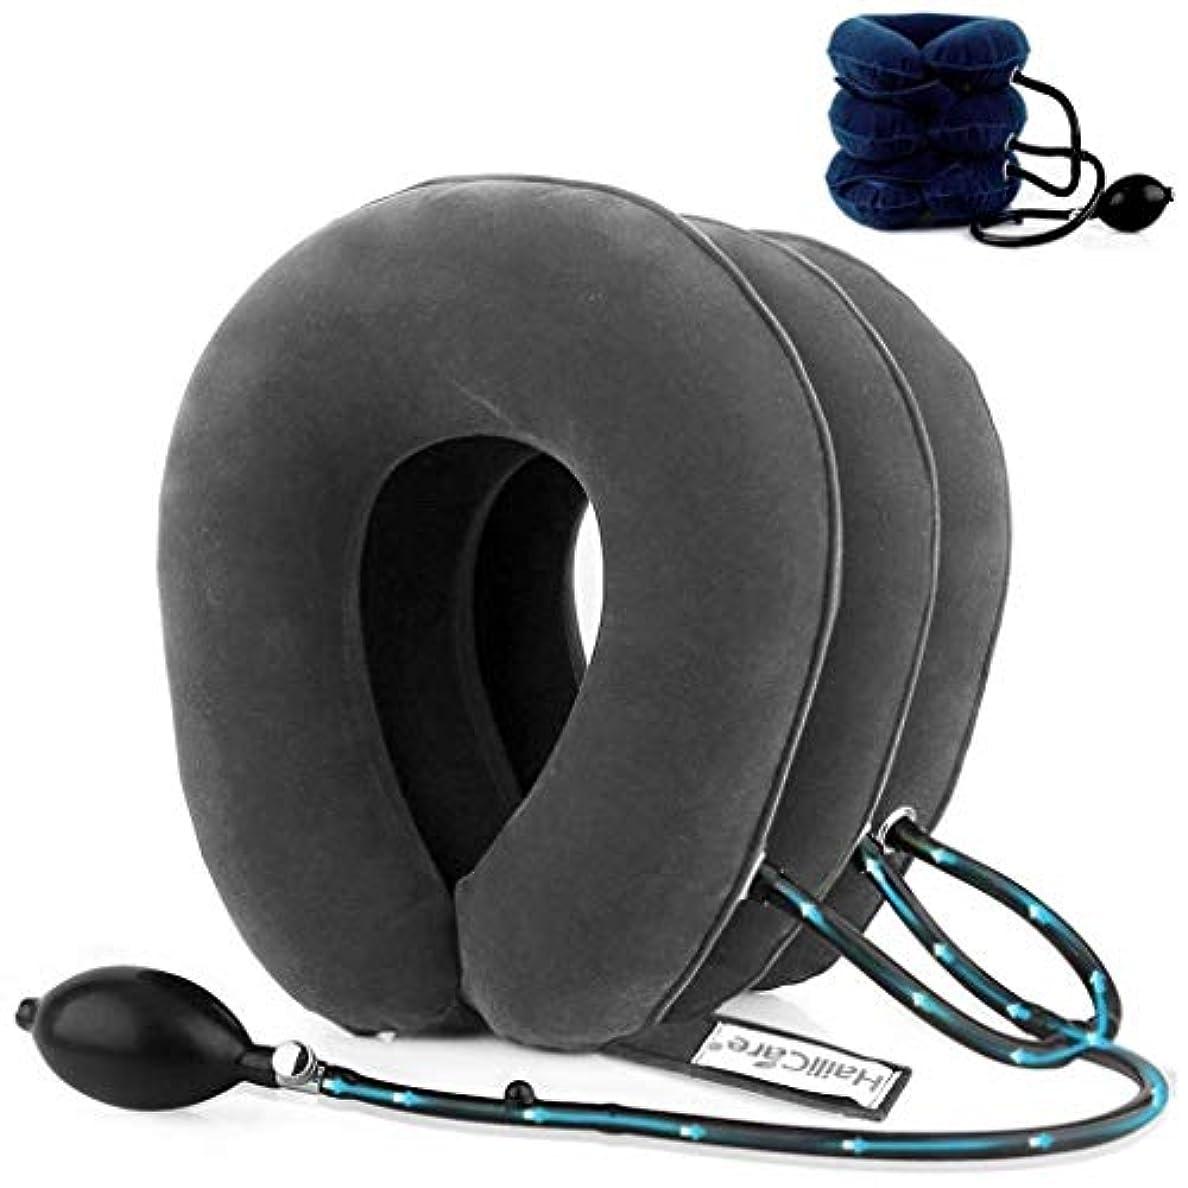 鳴らす手書きパウダー首のマッサージャー、膨脹可能なマッサージの首の枕、頚部牽引装置、背部/肩の首のマッサージャー、ヘルスケア、苦痛救助/圧力 (Color : Gray)